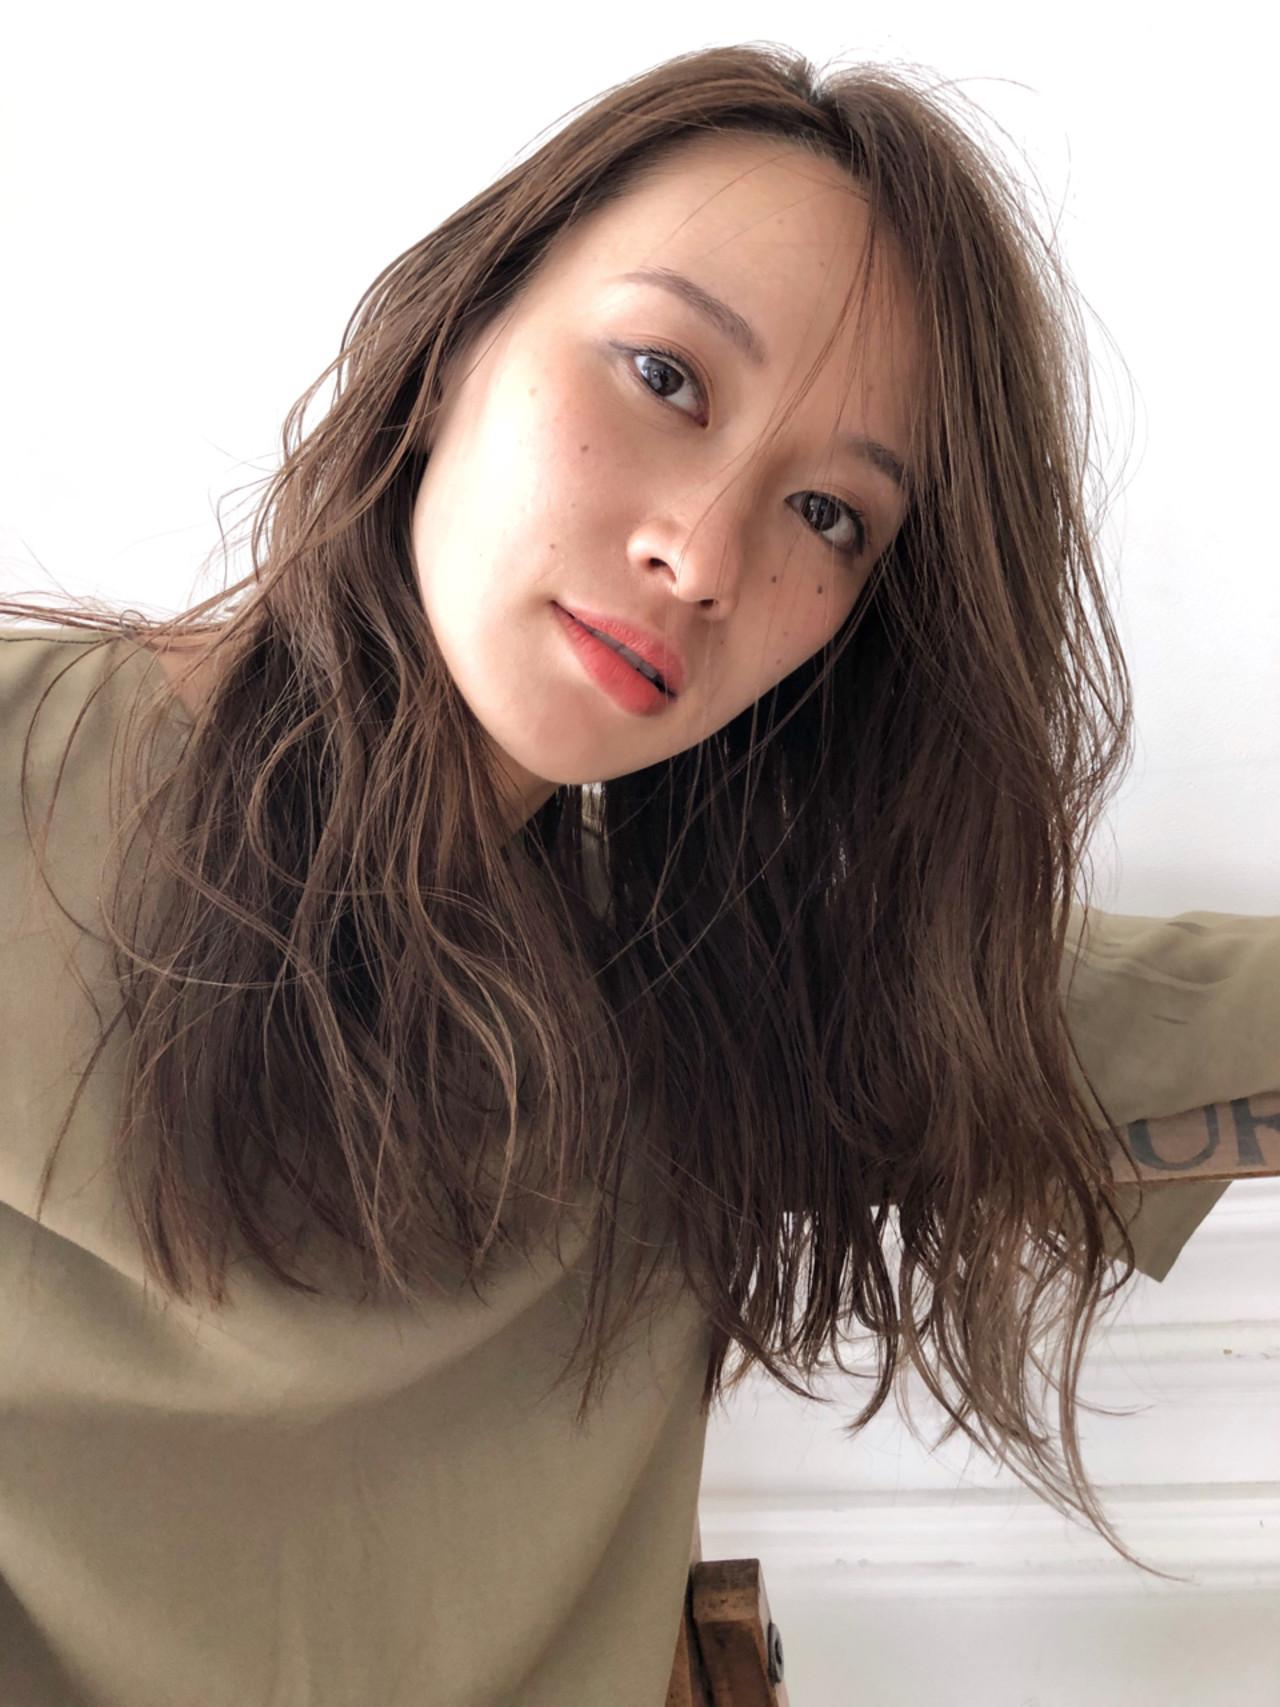 アンニュイ 外国人風 ゆるふわ ハイライト ヘアスタイルや髪型の写真・画像 | スガ シュンスケ / Tierra (ティエラ)